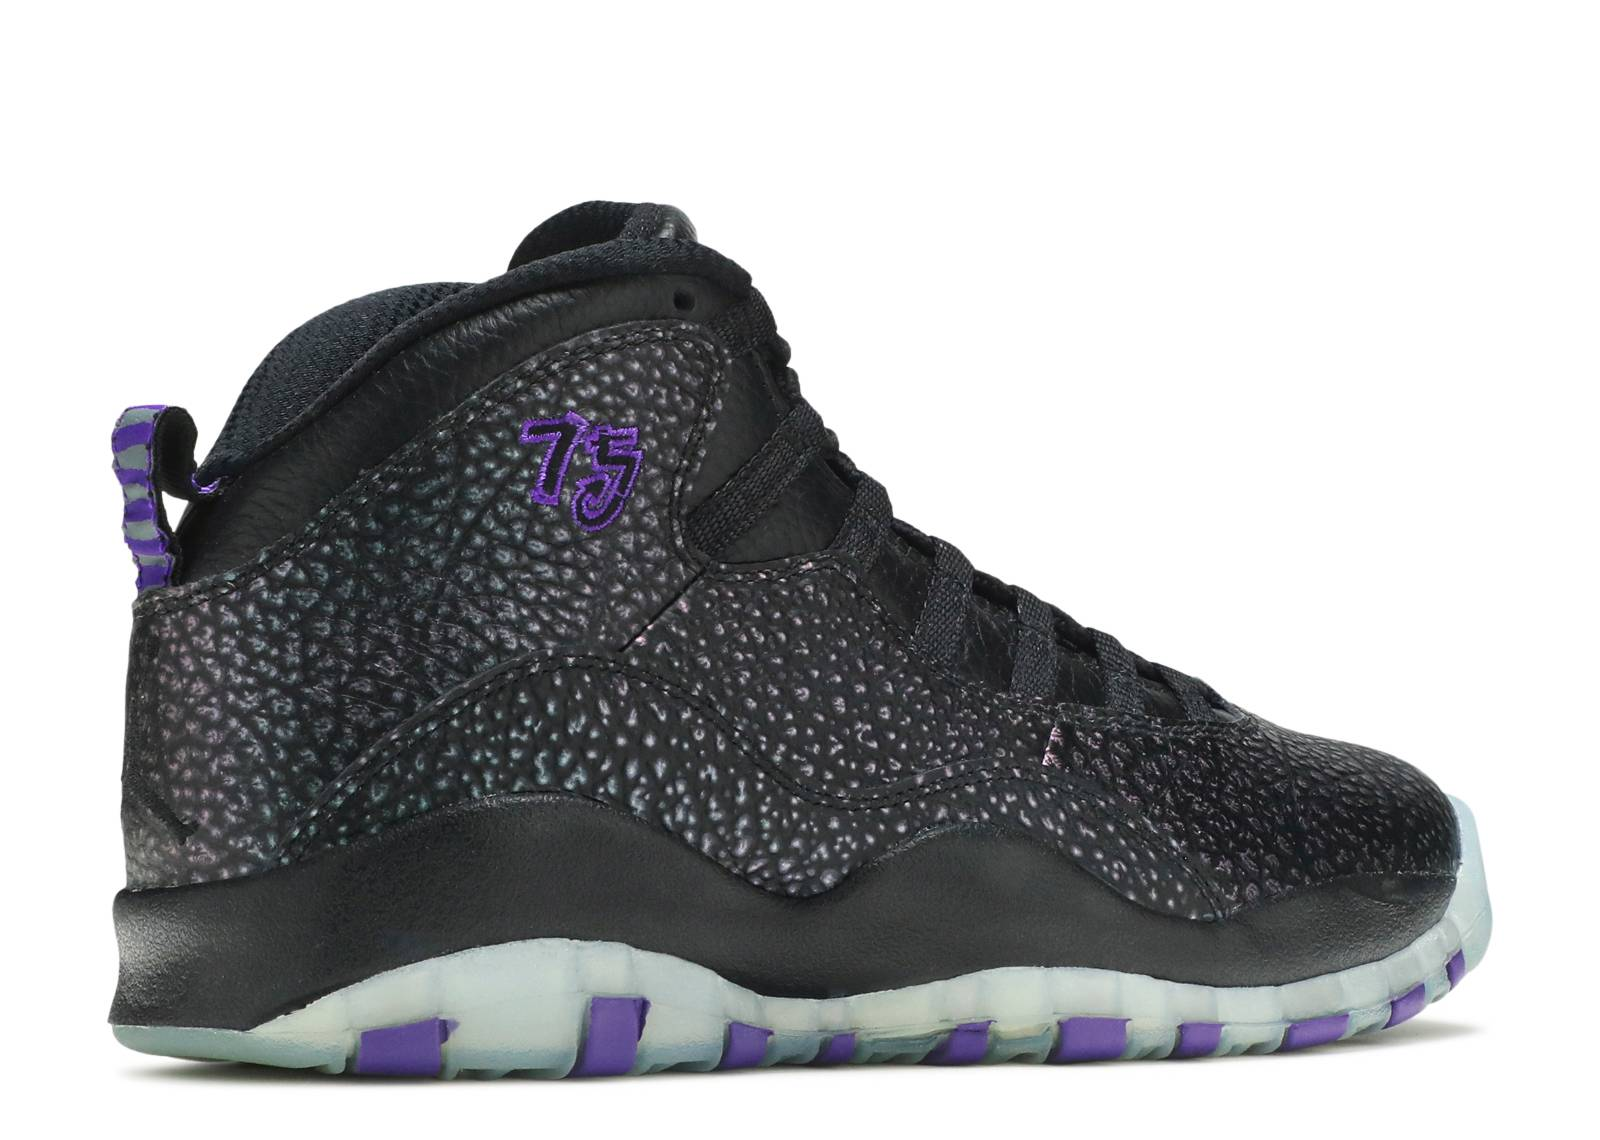 d47e2fe361b9 Air Jordan Retro 10